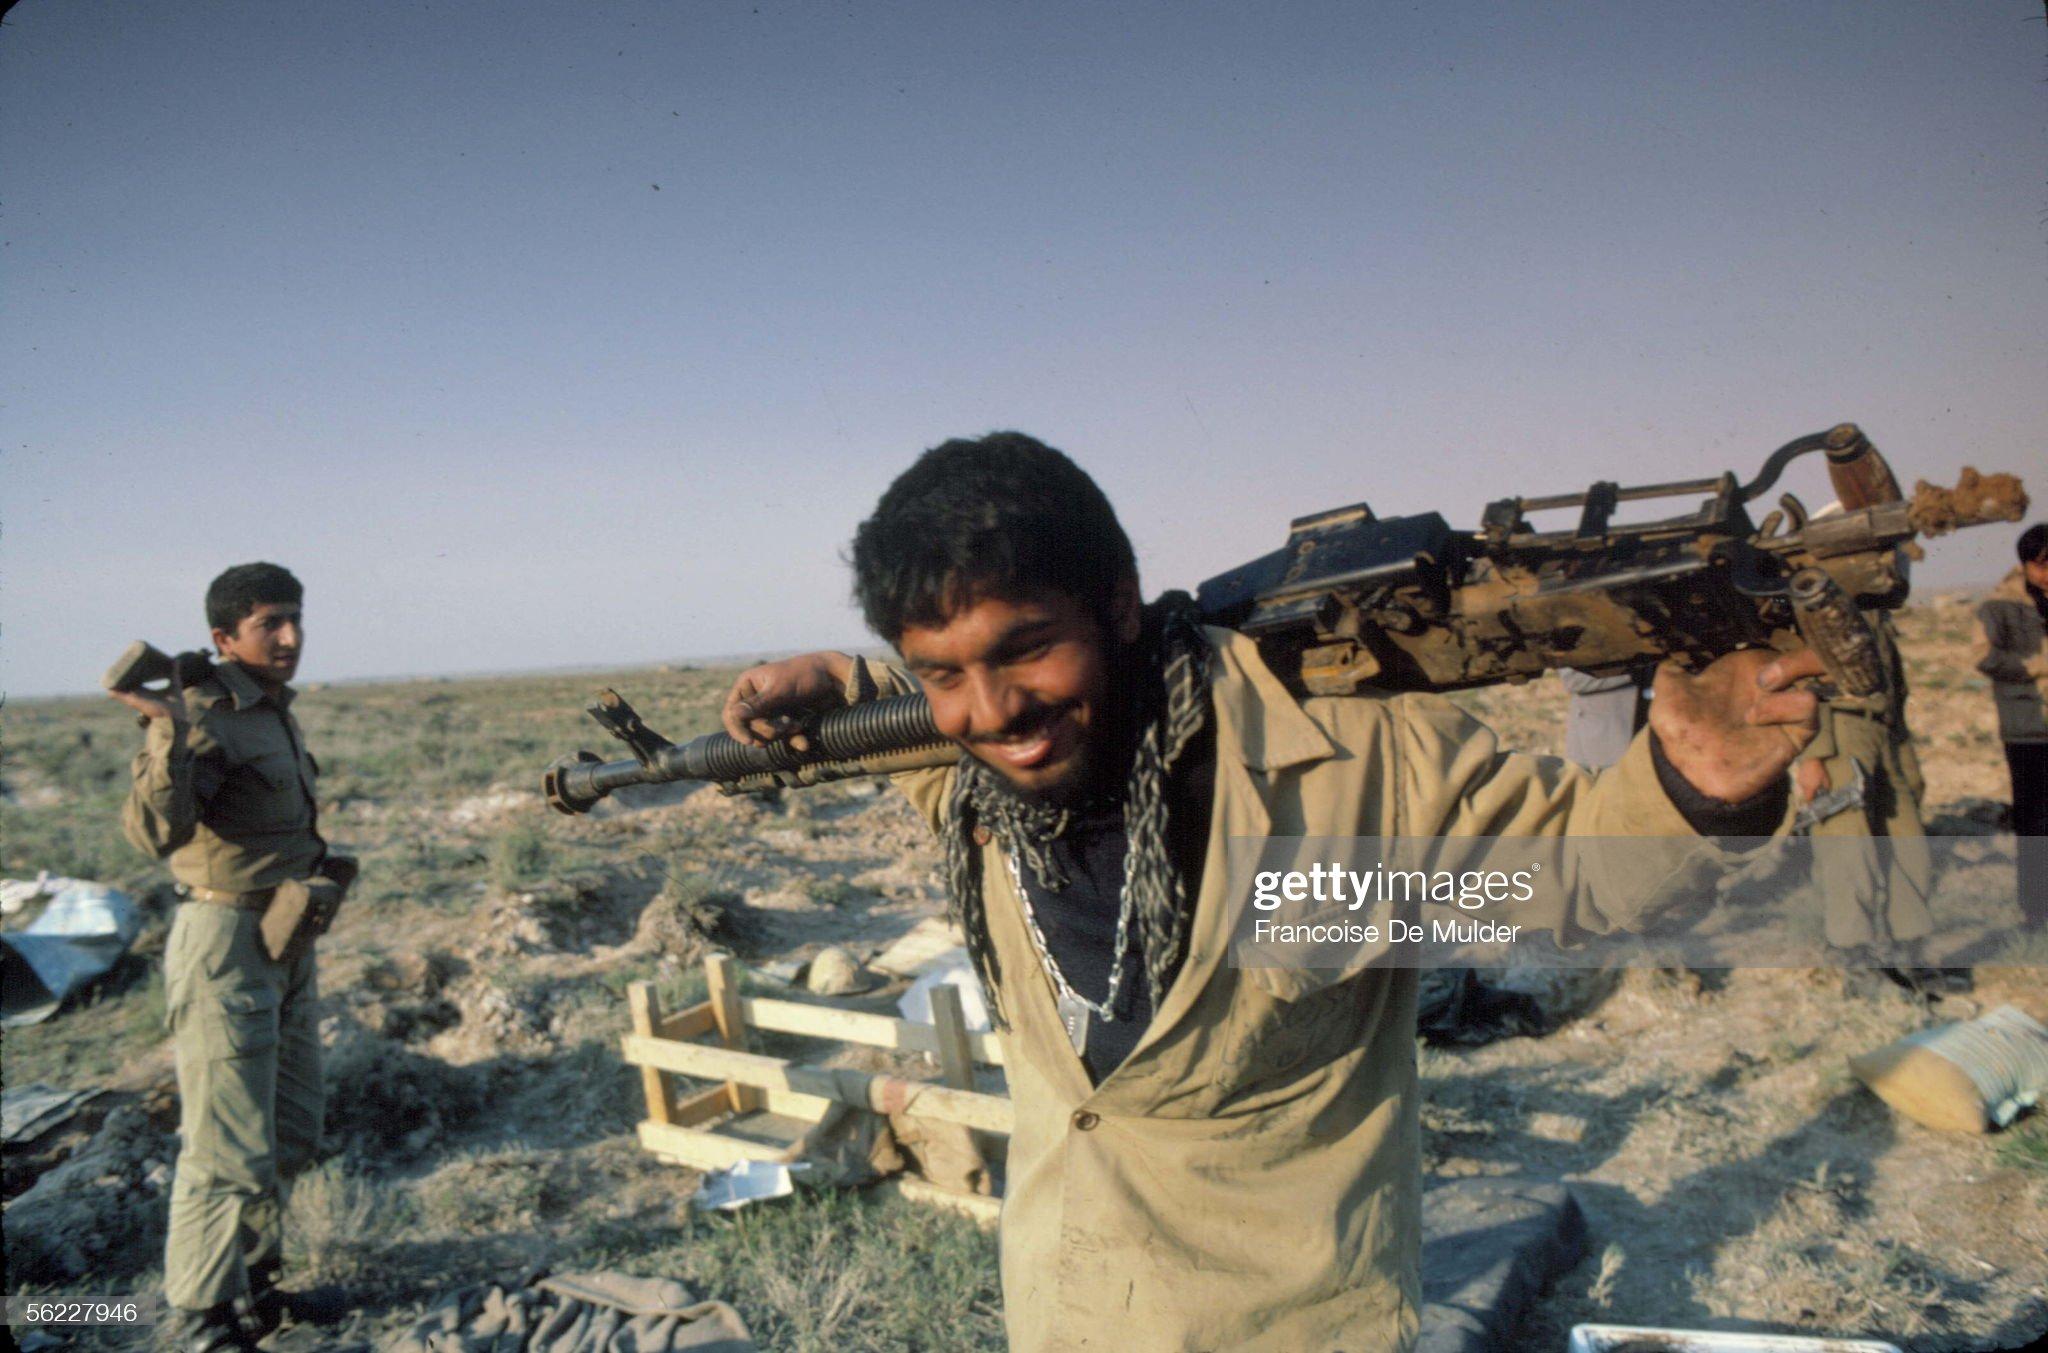 war-iraniraq-front-of-ahvaz-iranian-army...=2048x2048